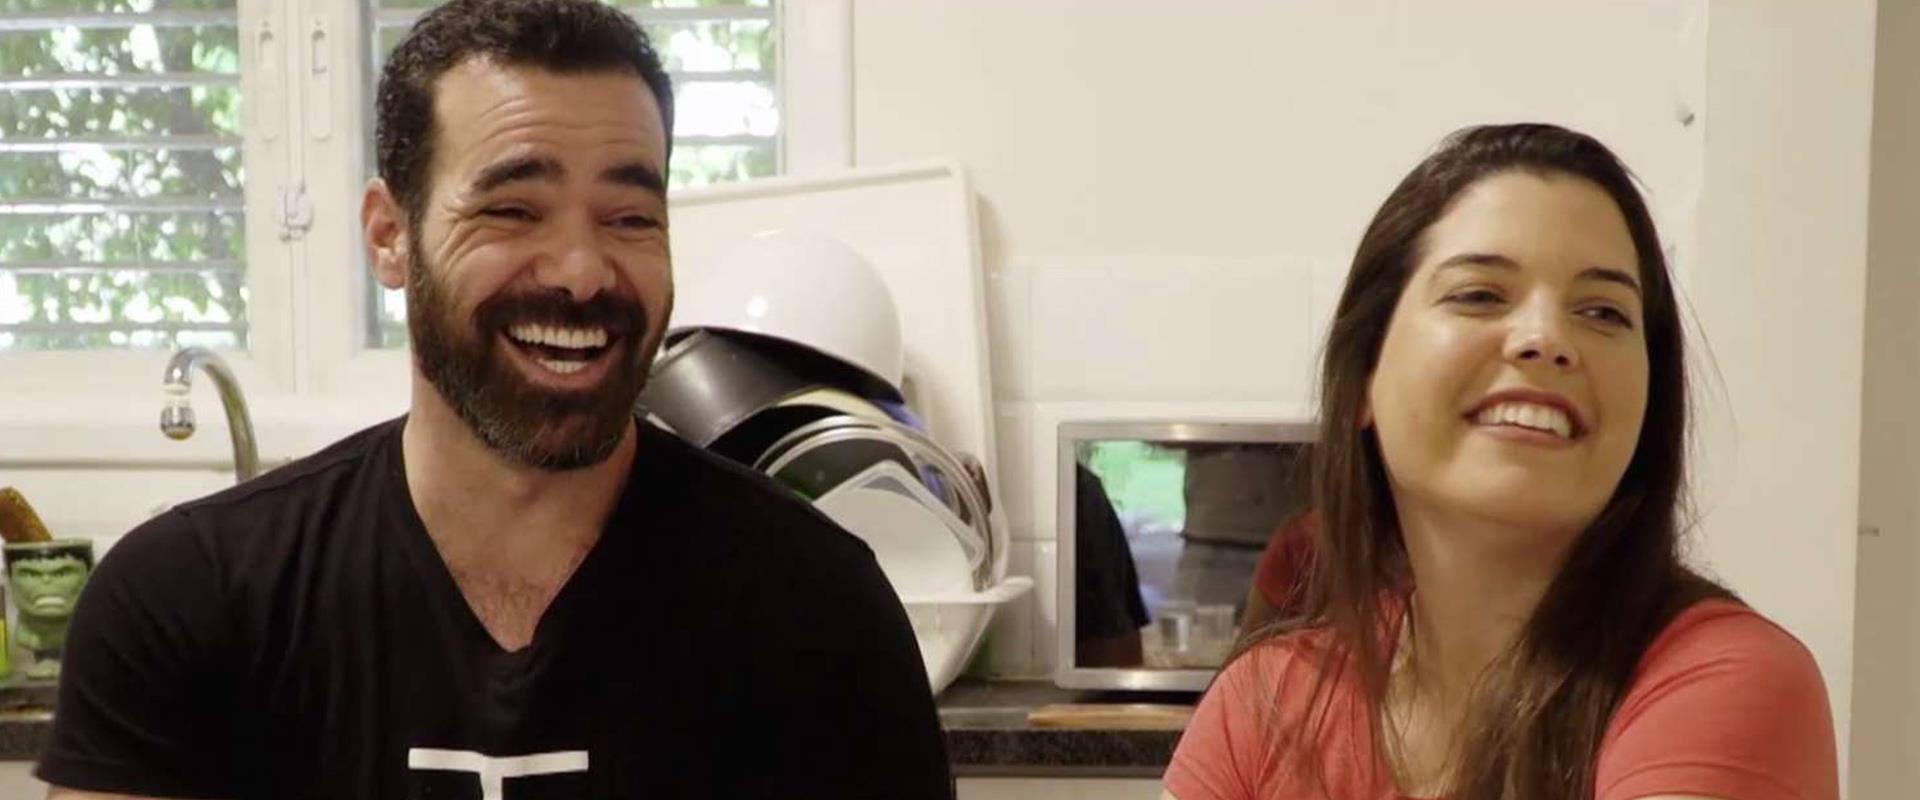 חיים בקומיקס: זוג היוצרים מישראל כובשים את העולם